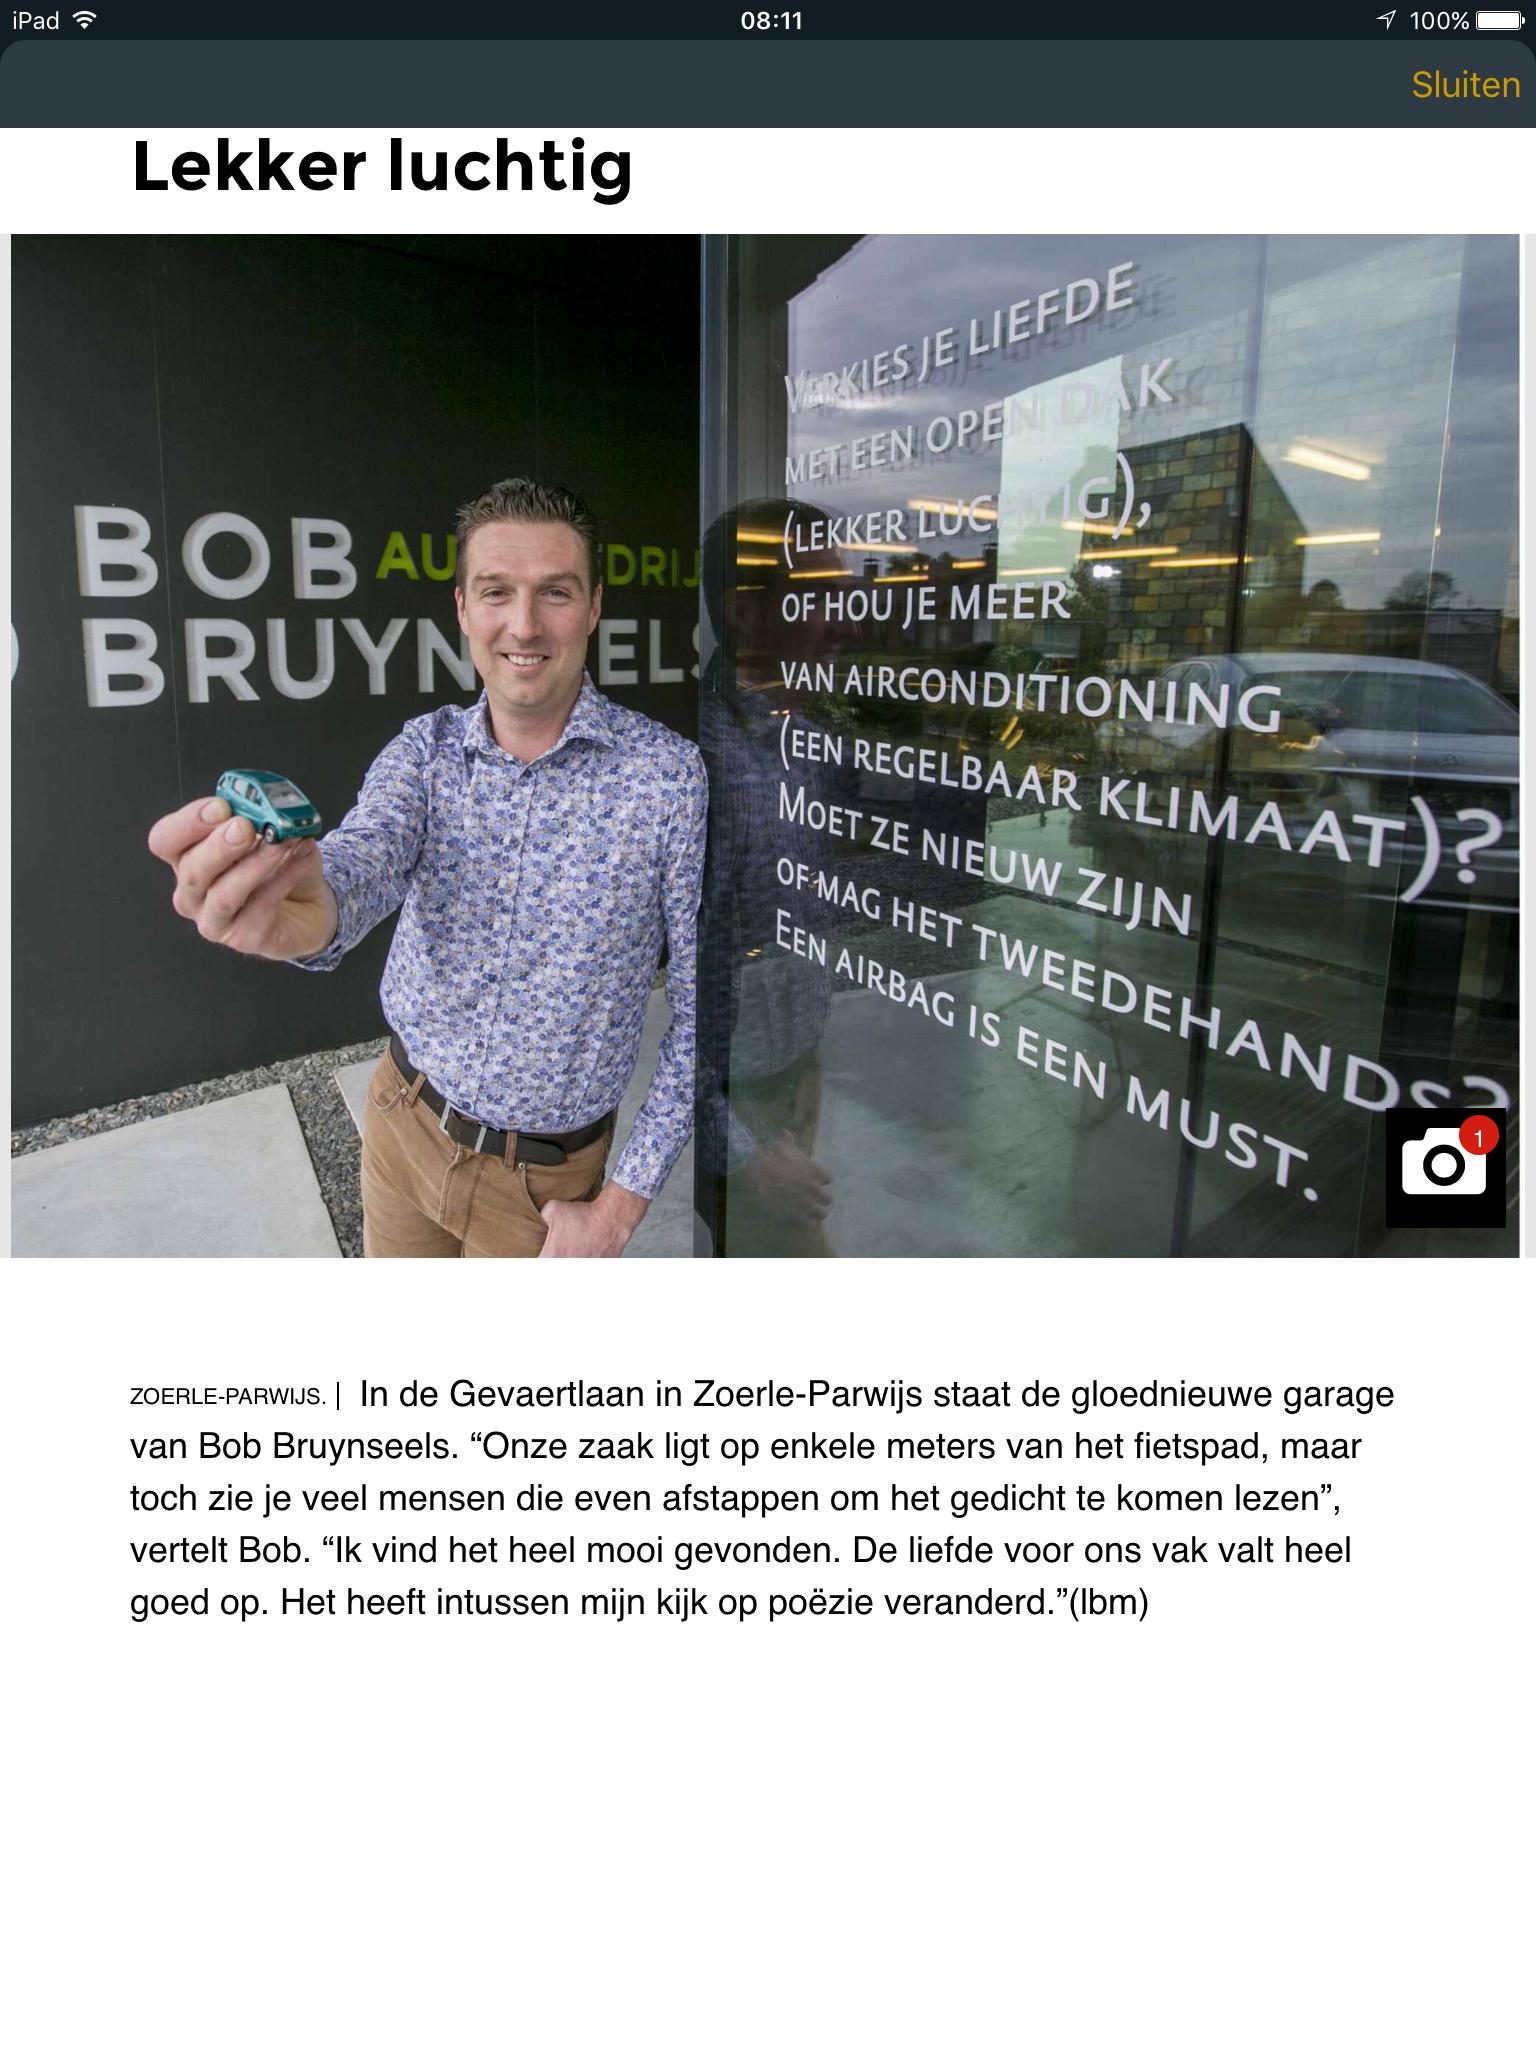 Westerliefs Autobedrijf Bob Bruynseels